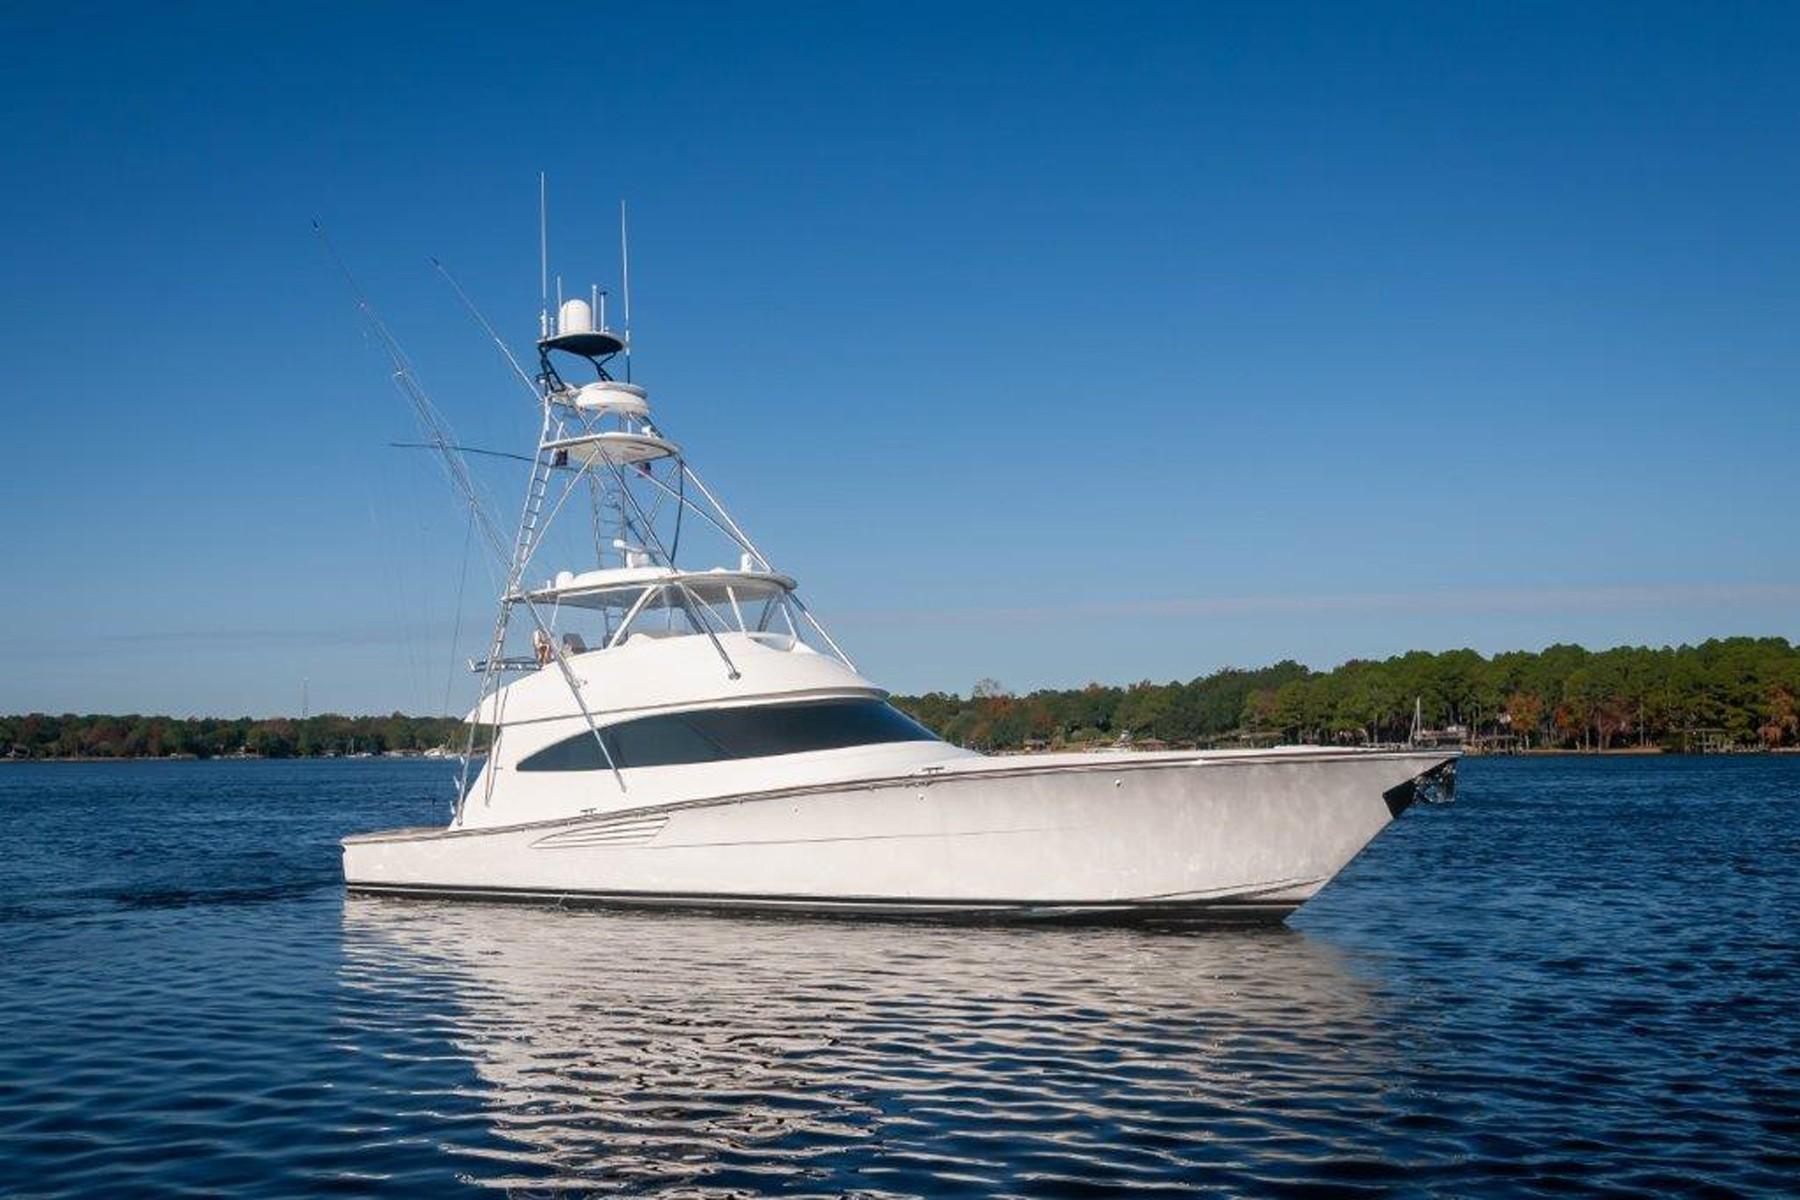 2019 Viking 68 Cnv Starboard Profile